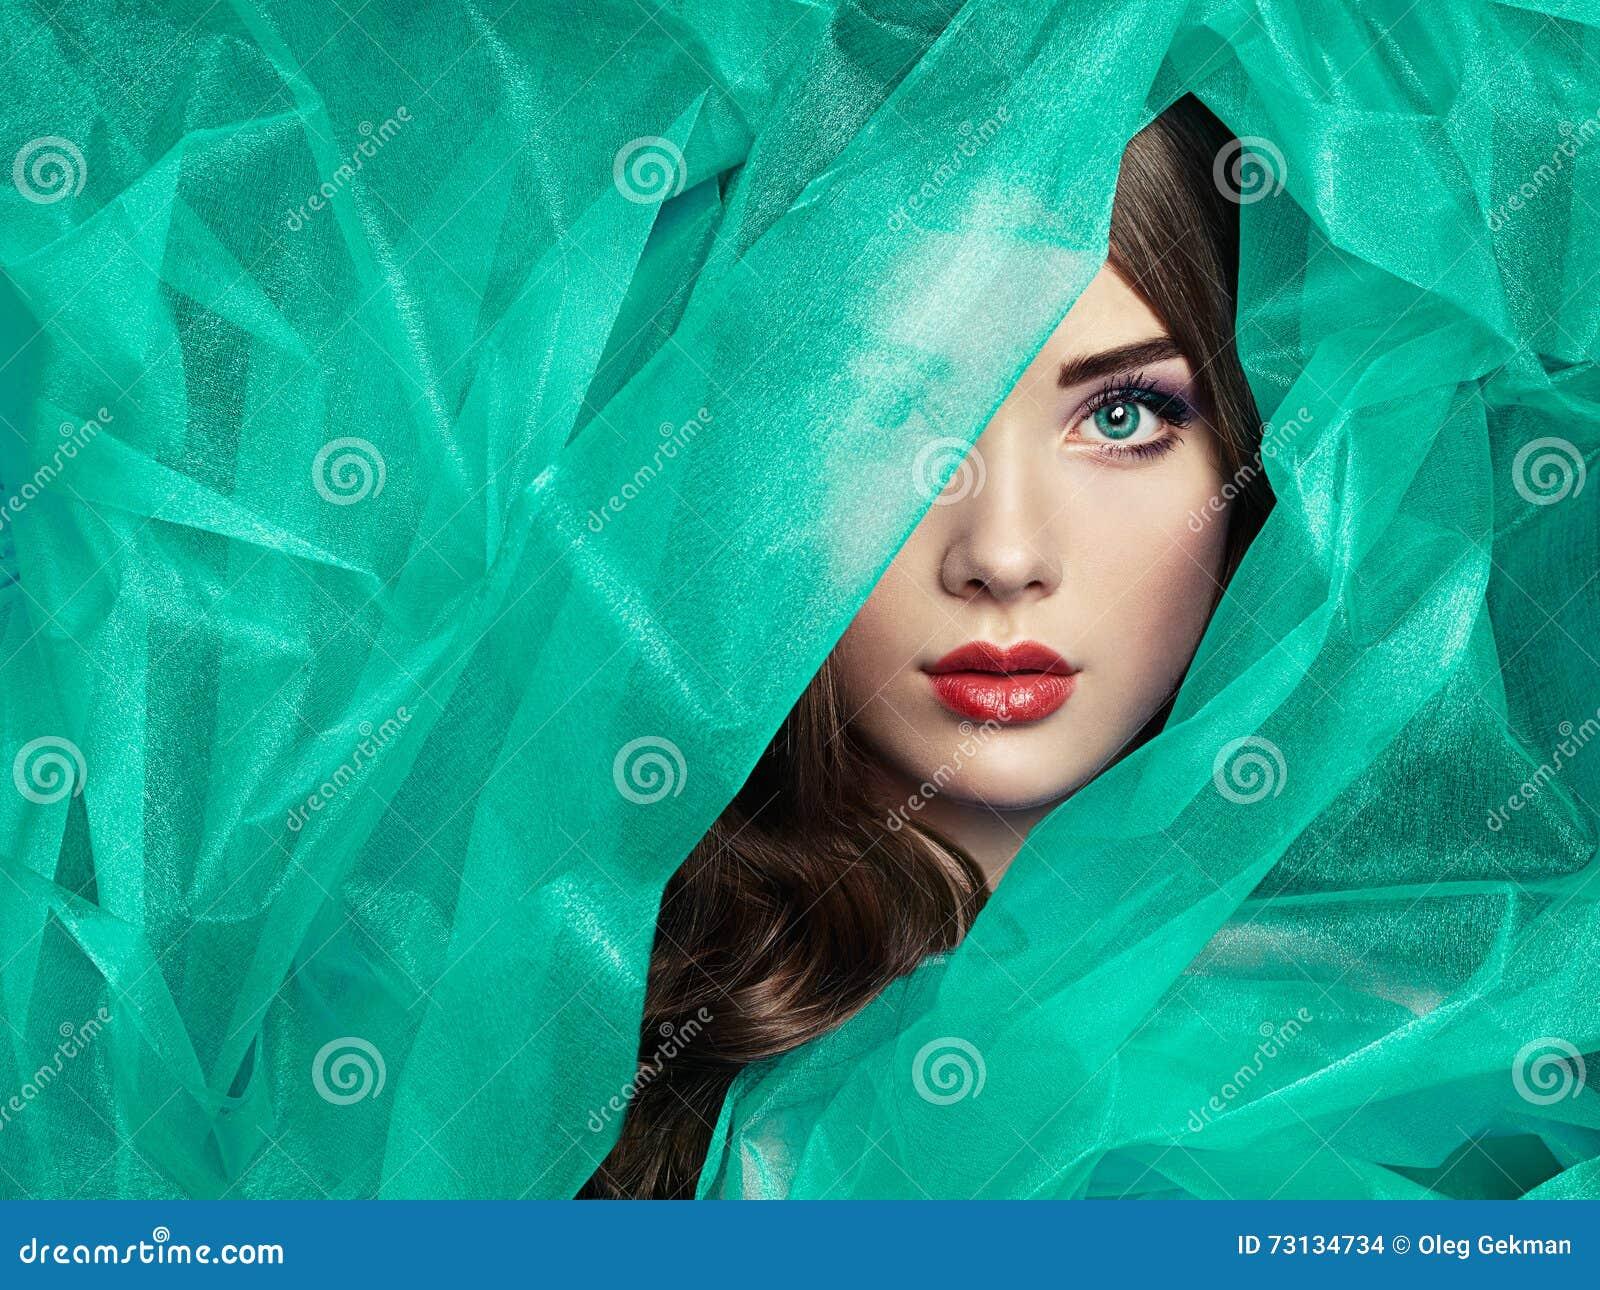 Fasonuje fotografię piękne kobiety pod turkusową przesłoną